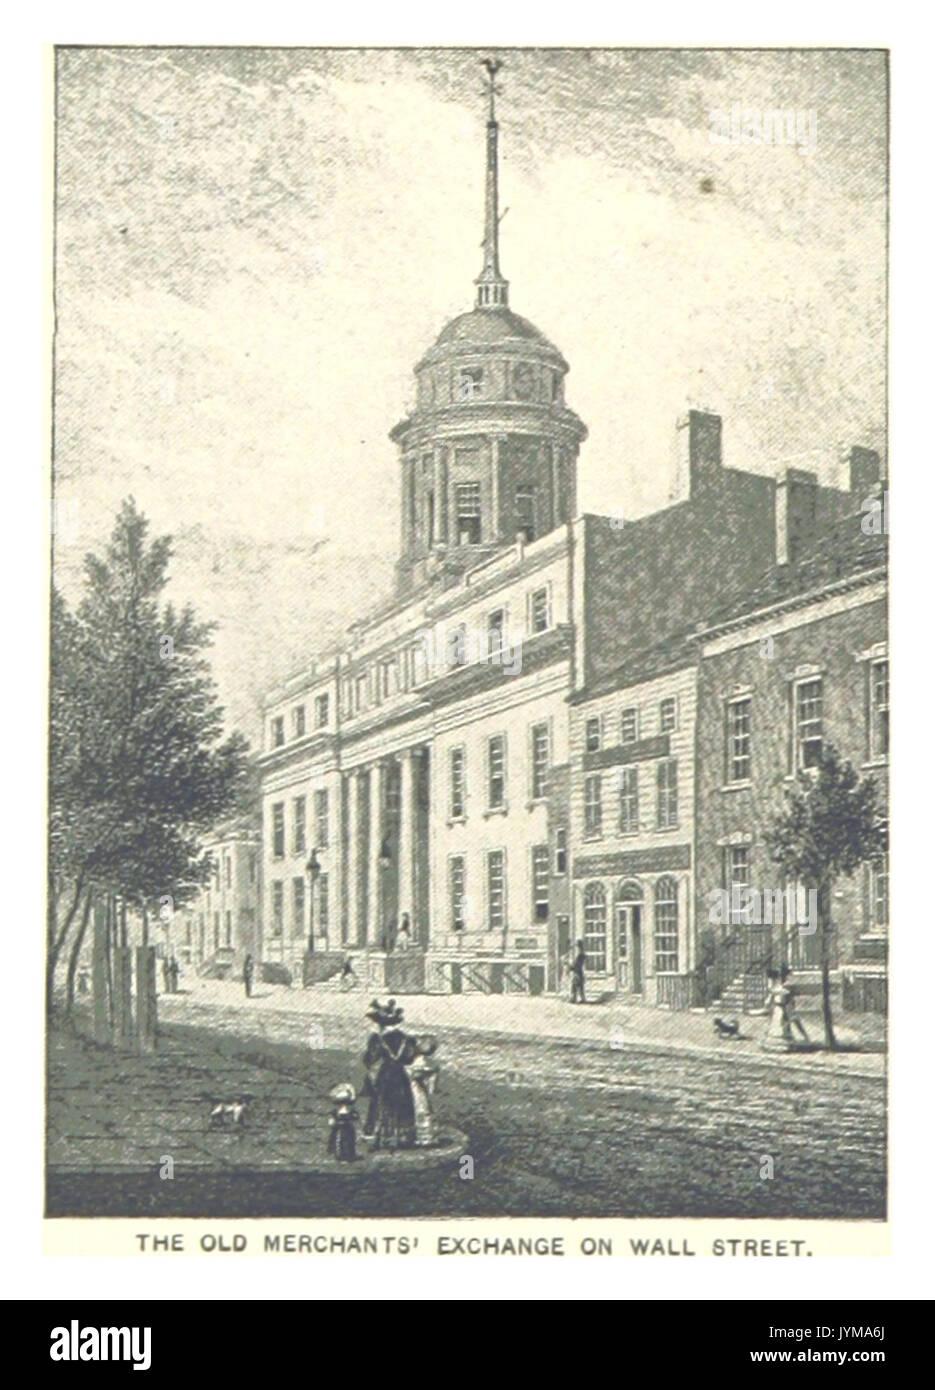 (King1893NYC) pg790 THE OLD MERCHANTS' EXCHANGE ON WALL STREET - Stock Image